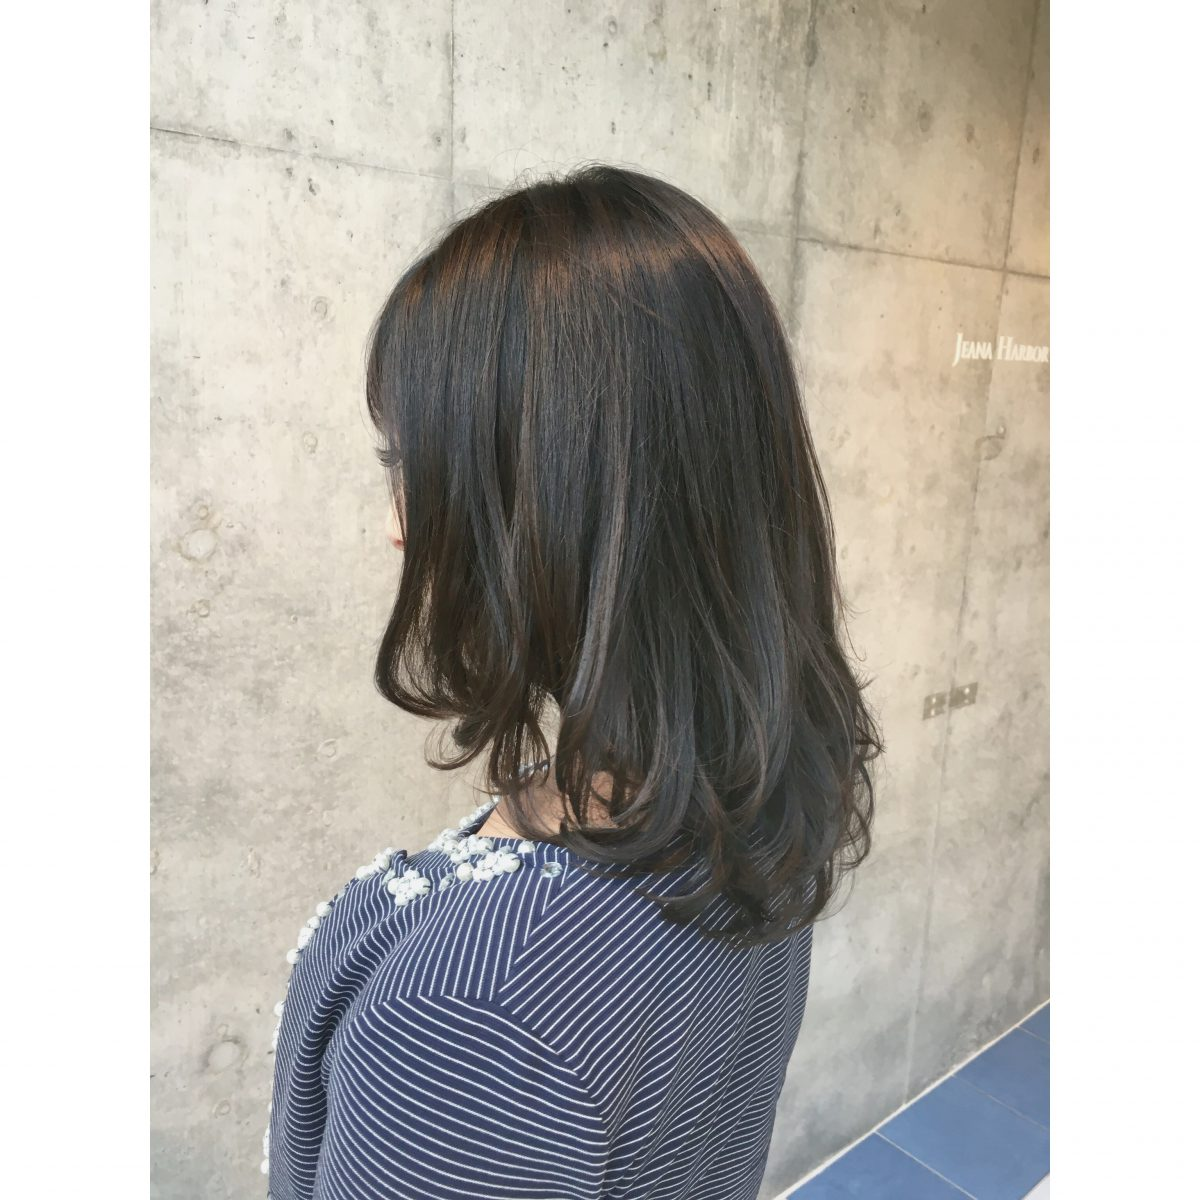 《明るい白髪染め》ハイライトで白髪をぼかす 〜暗く染めてしまうのはもったいない、白髪こそハイライトの原石編〜